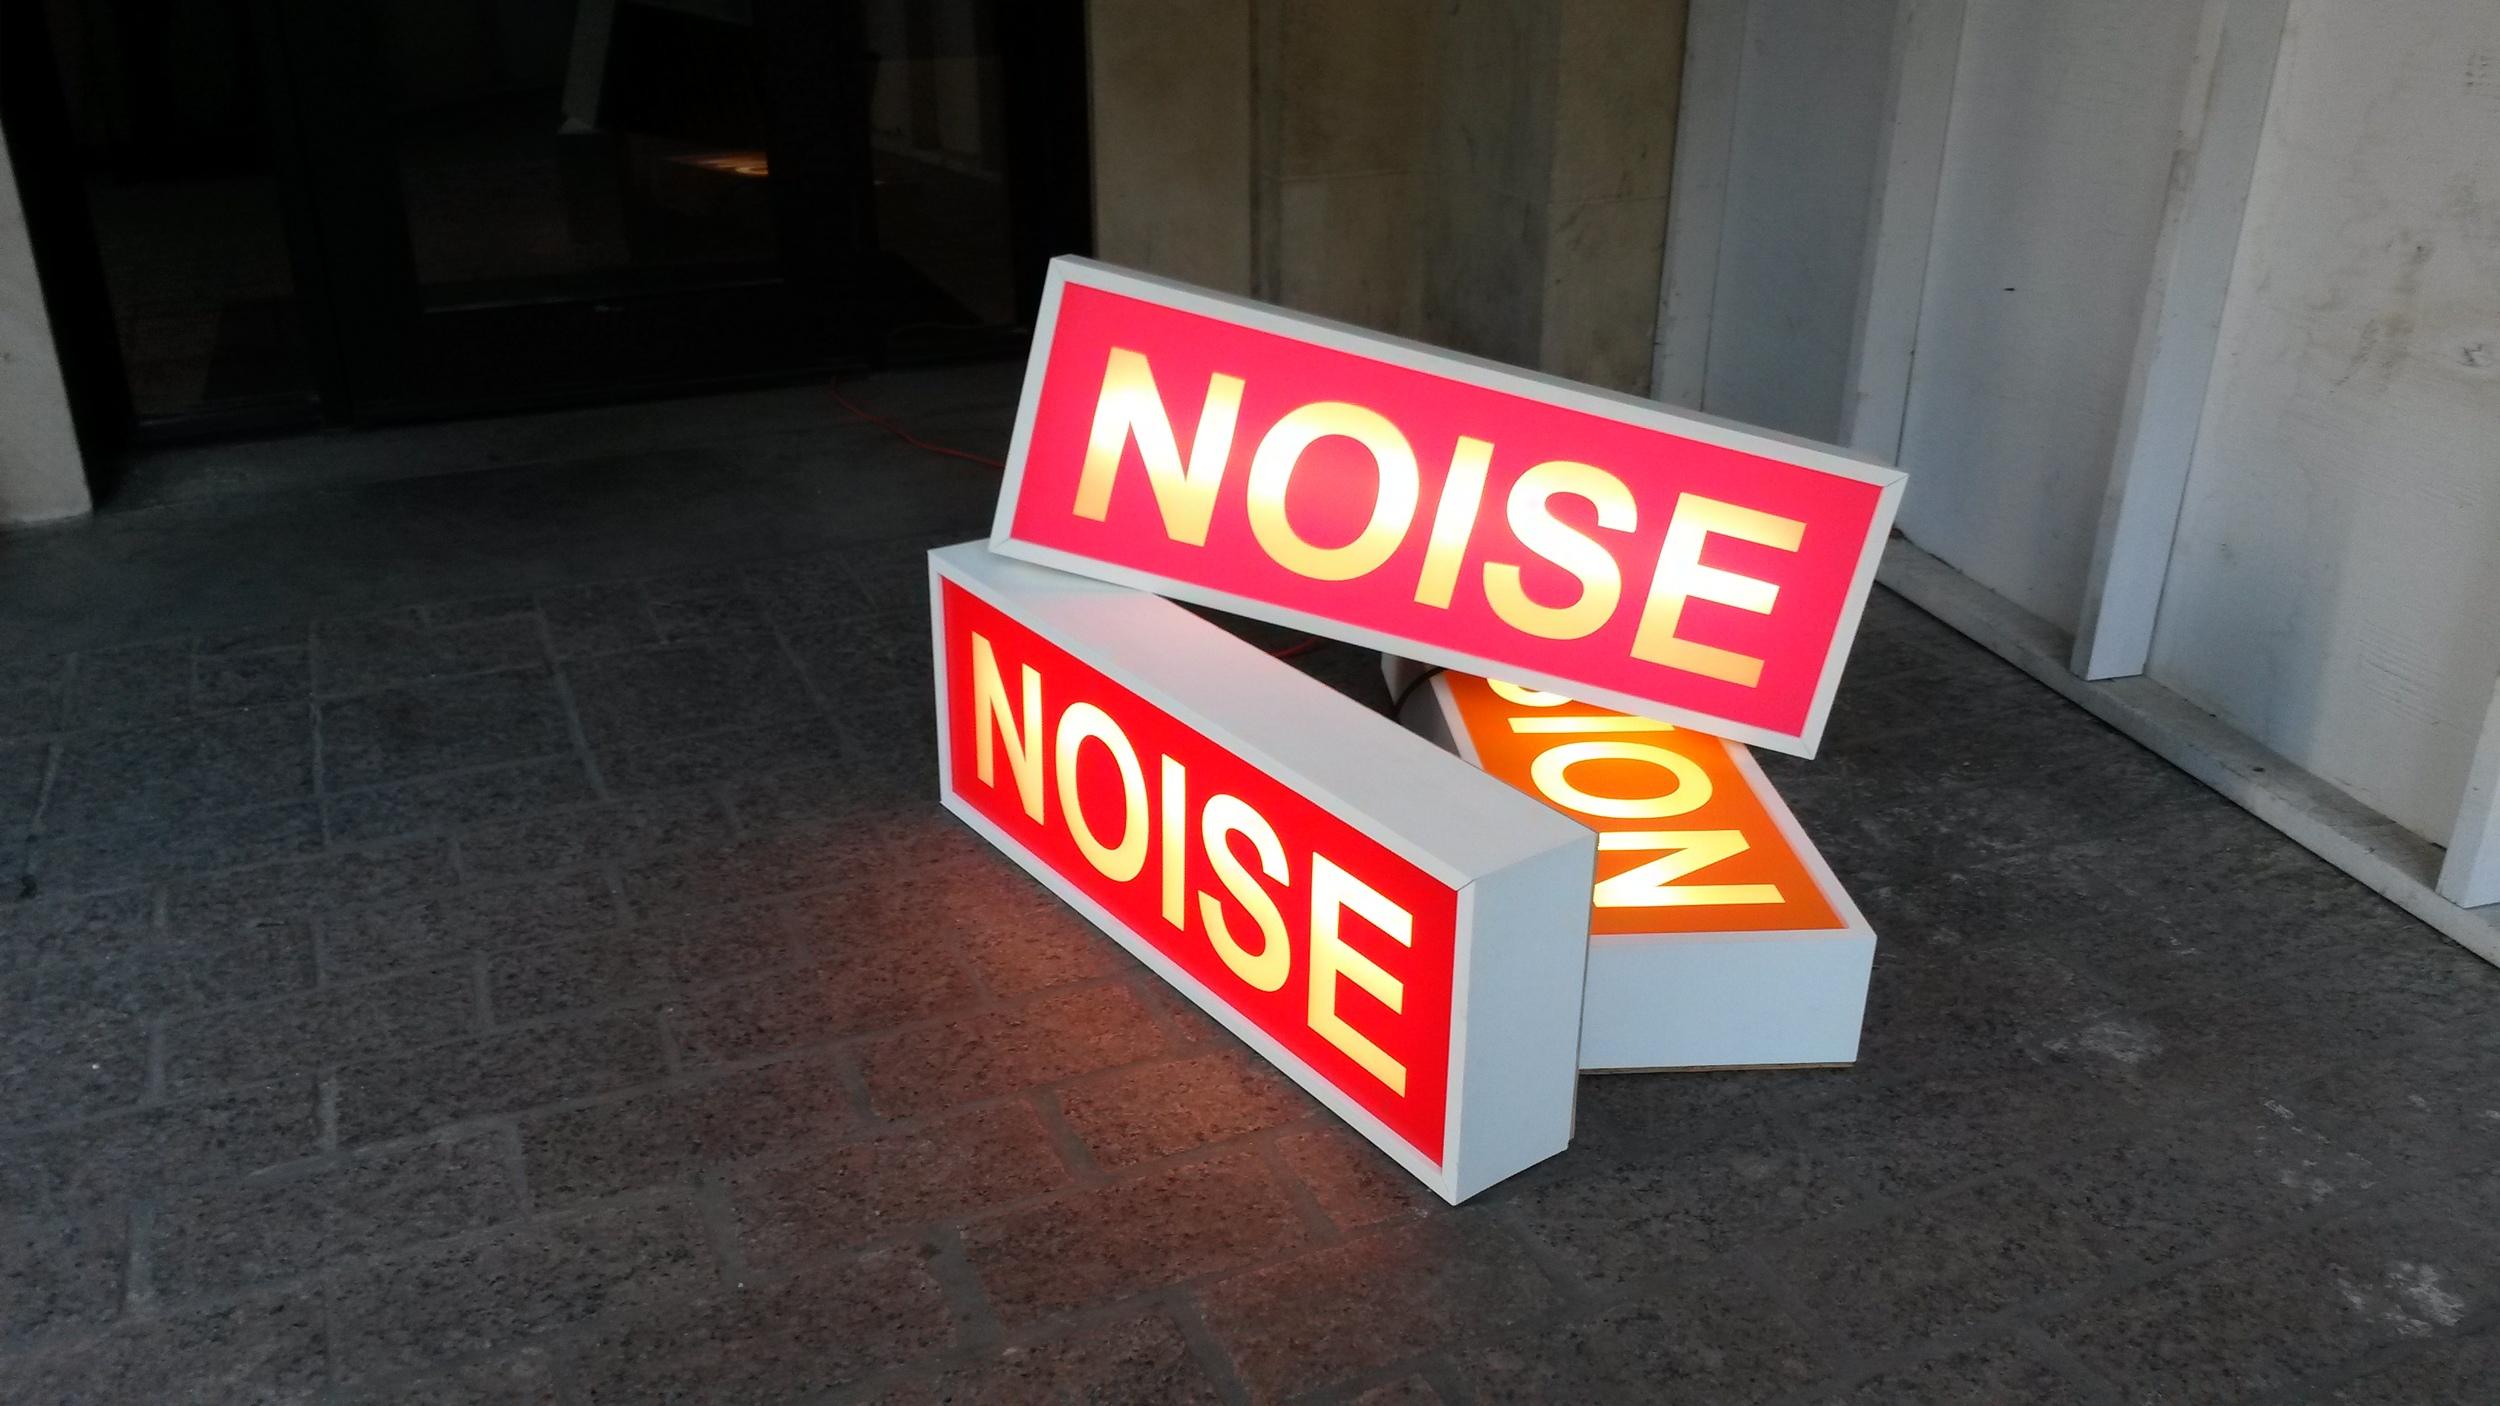 Noise (lightbox)